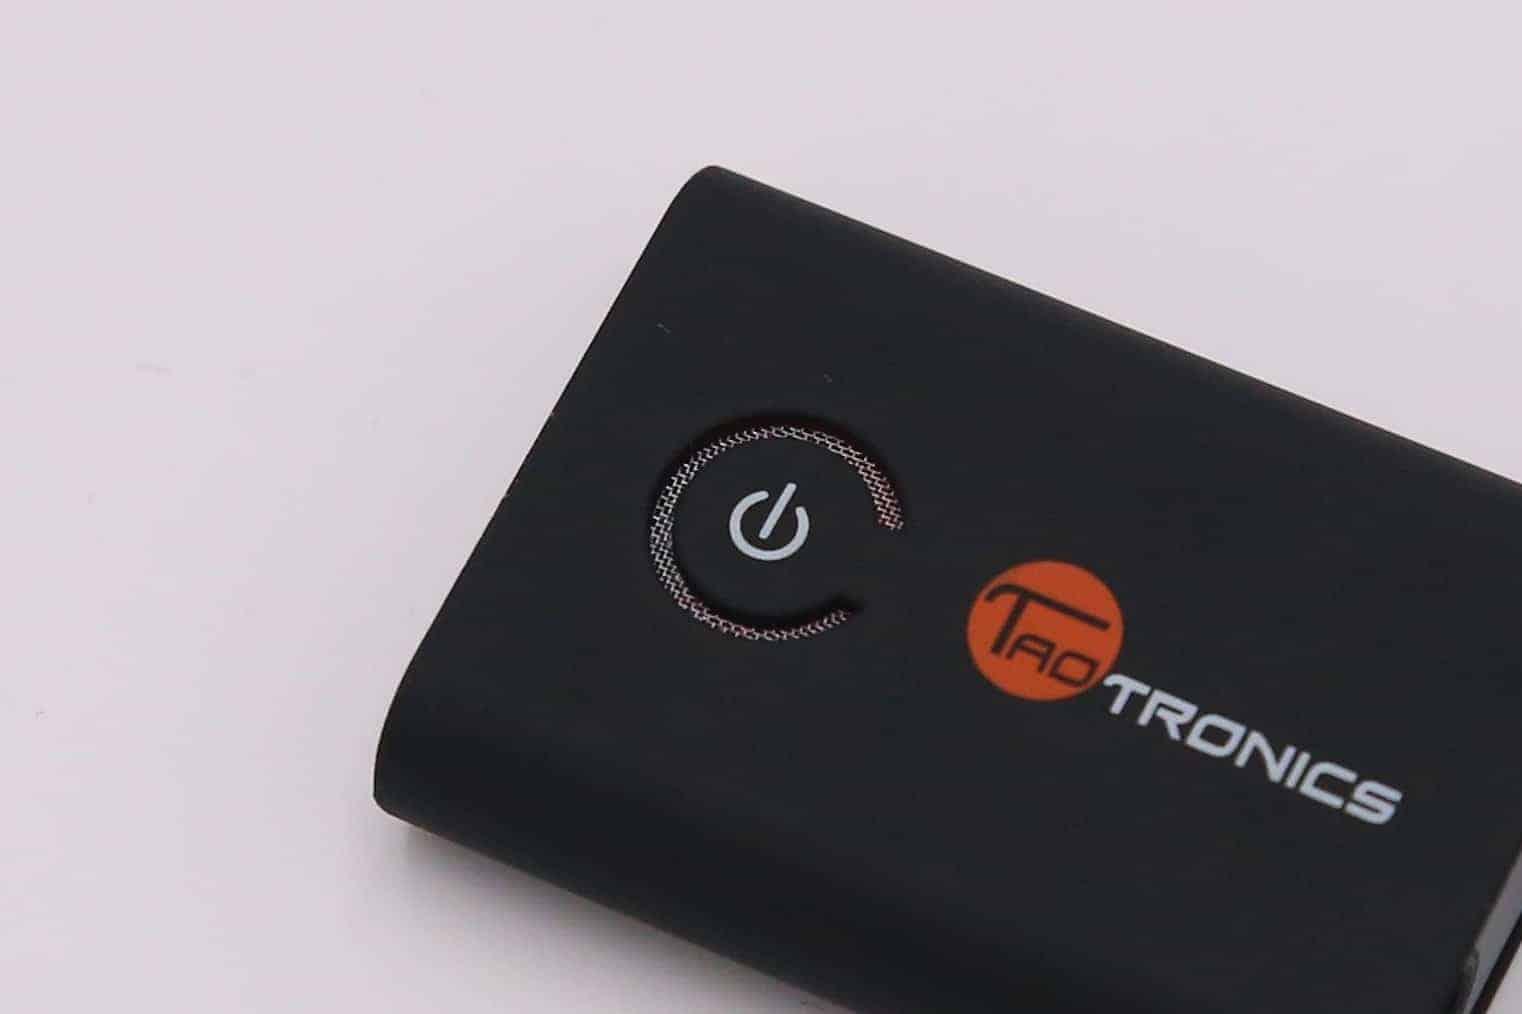 取代小米的二合一藍牙音源接收發射器推薦 – TaoTronics TT-BA07